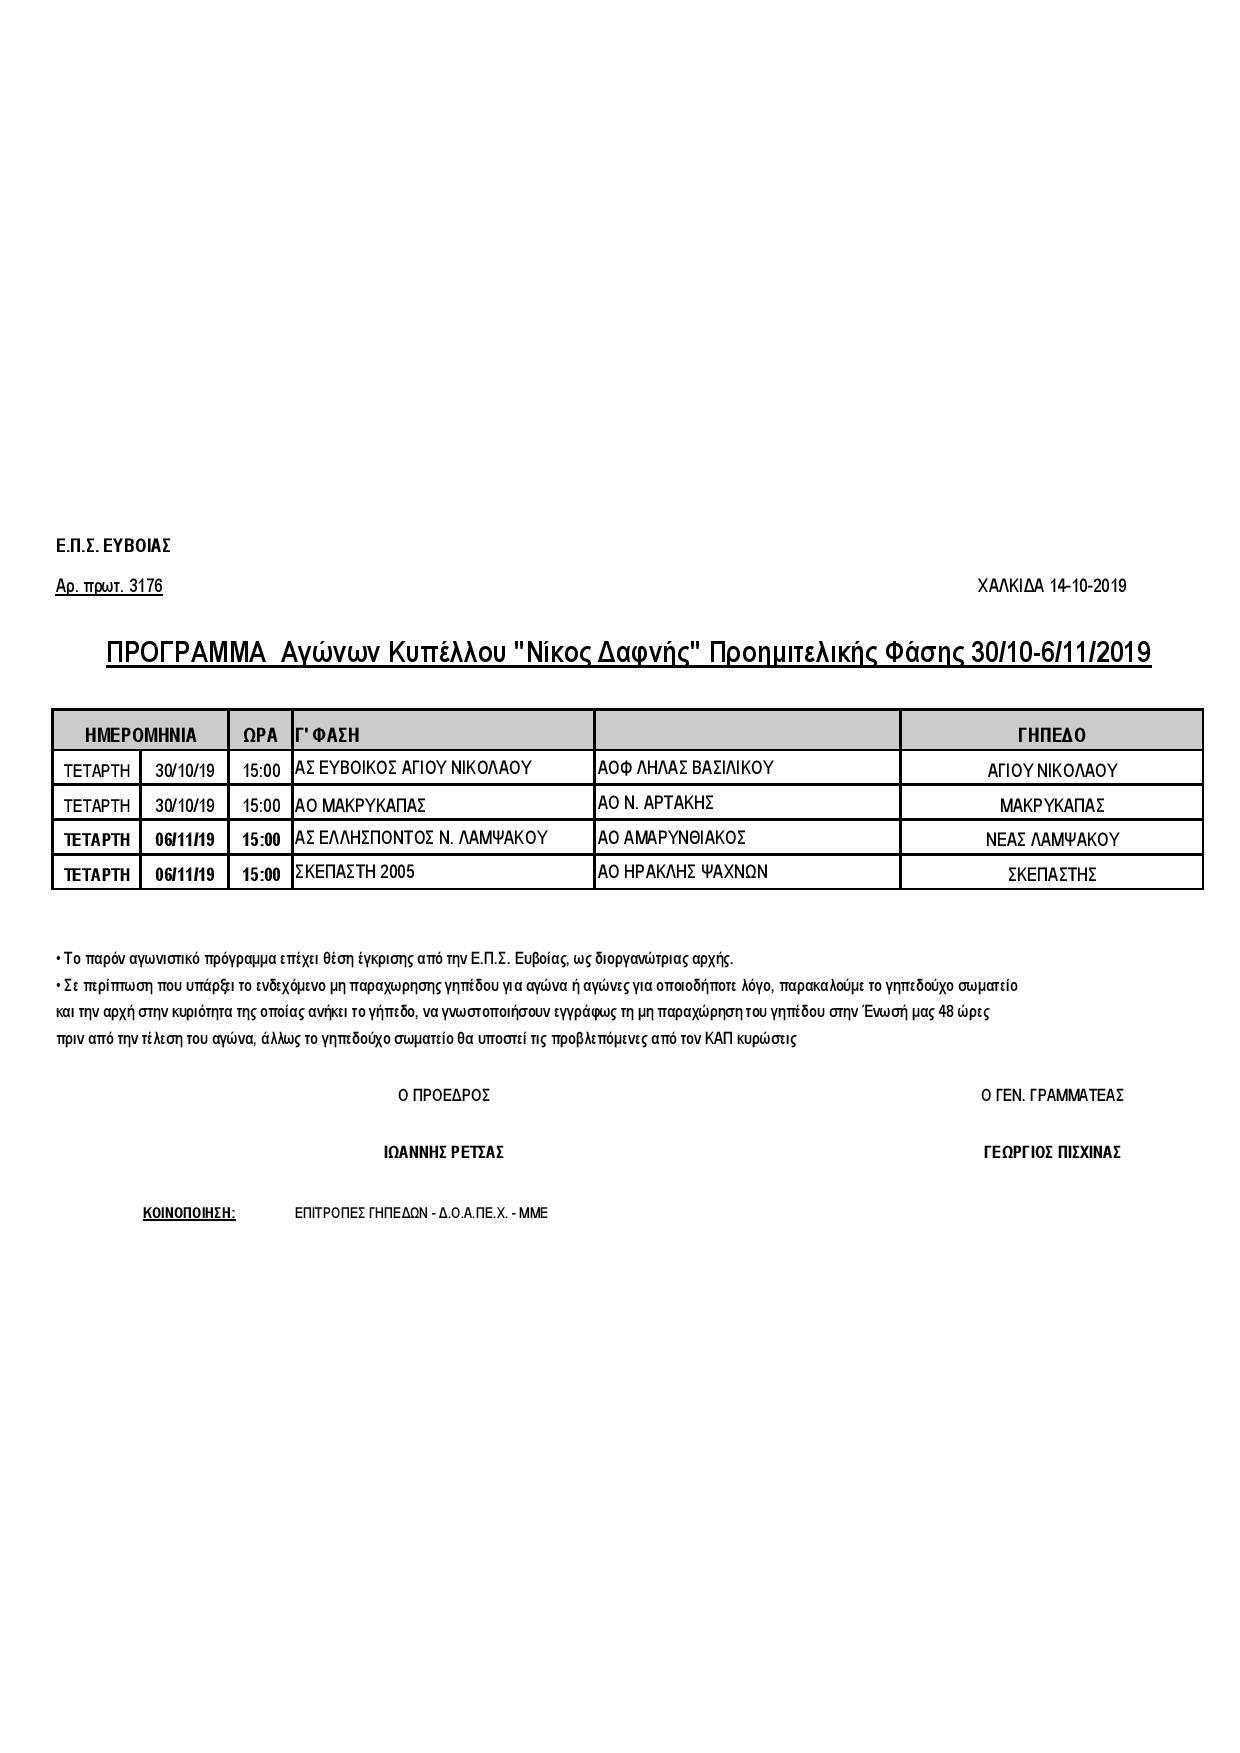 Κύπελλο Ευβοίας: Πρόγραμμα προημιτελικής φάσης 12 5